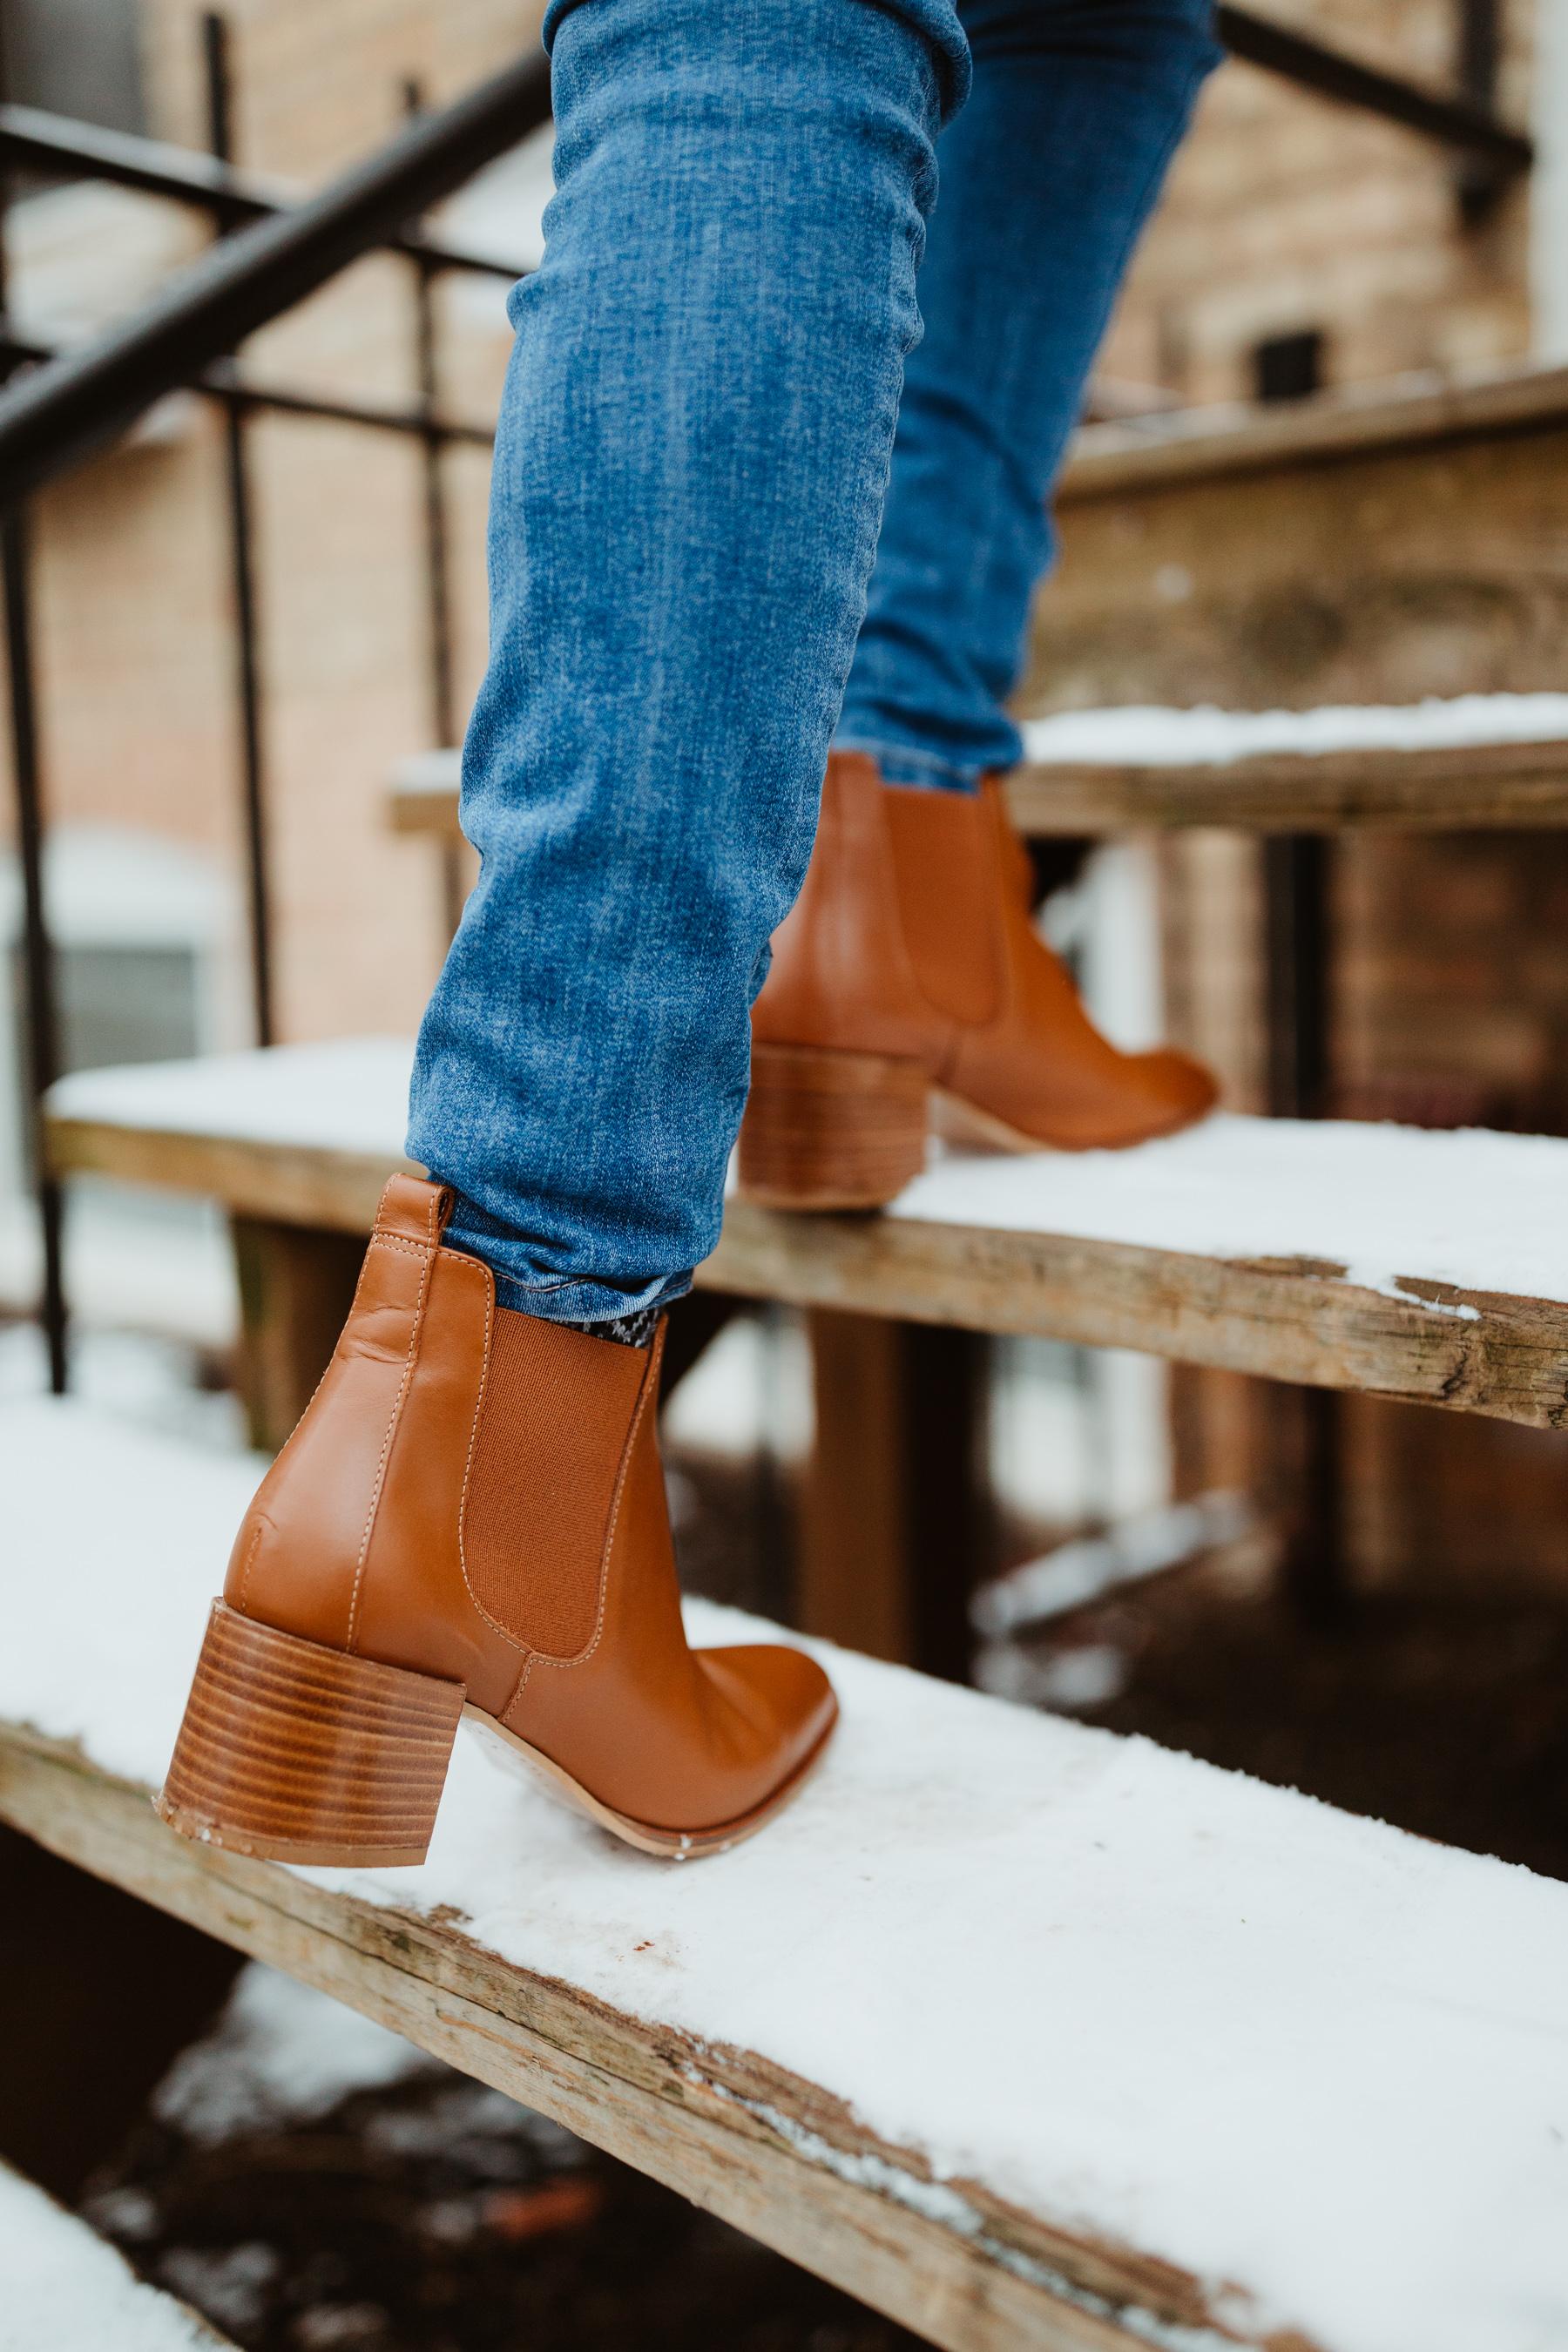 The Heel Boot